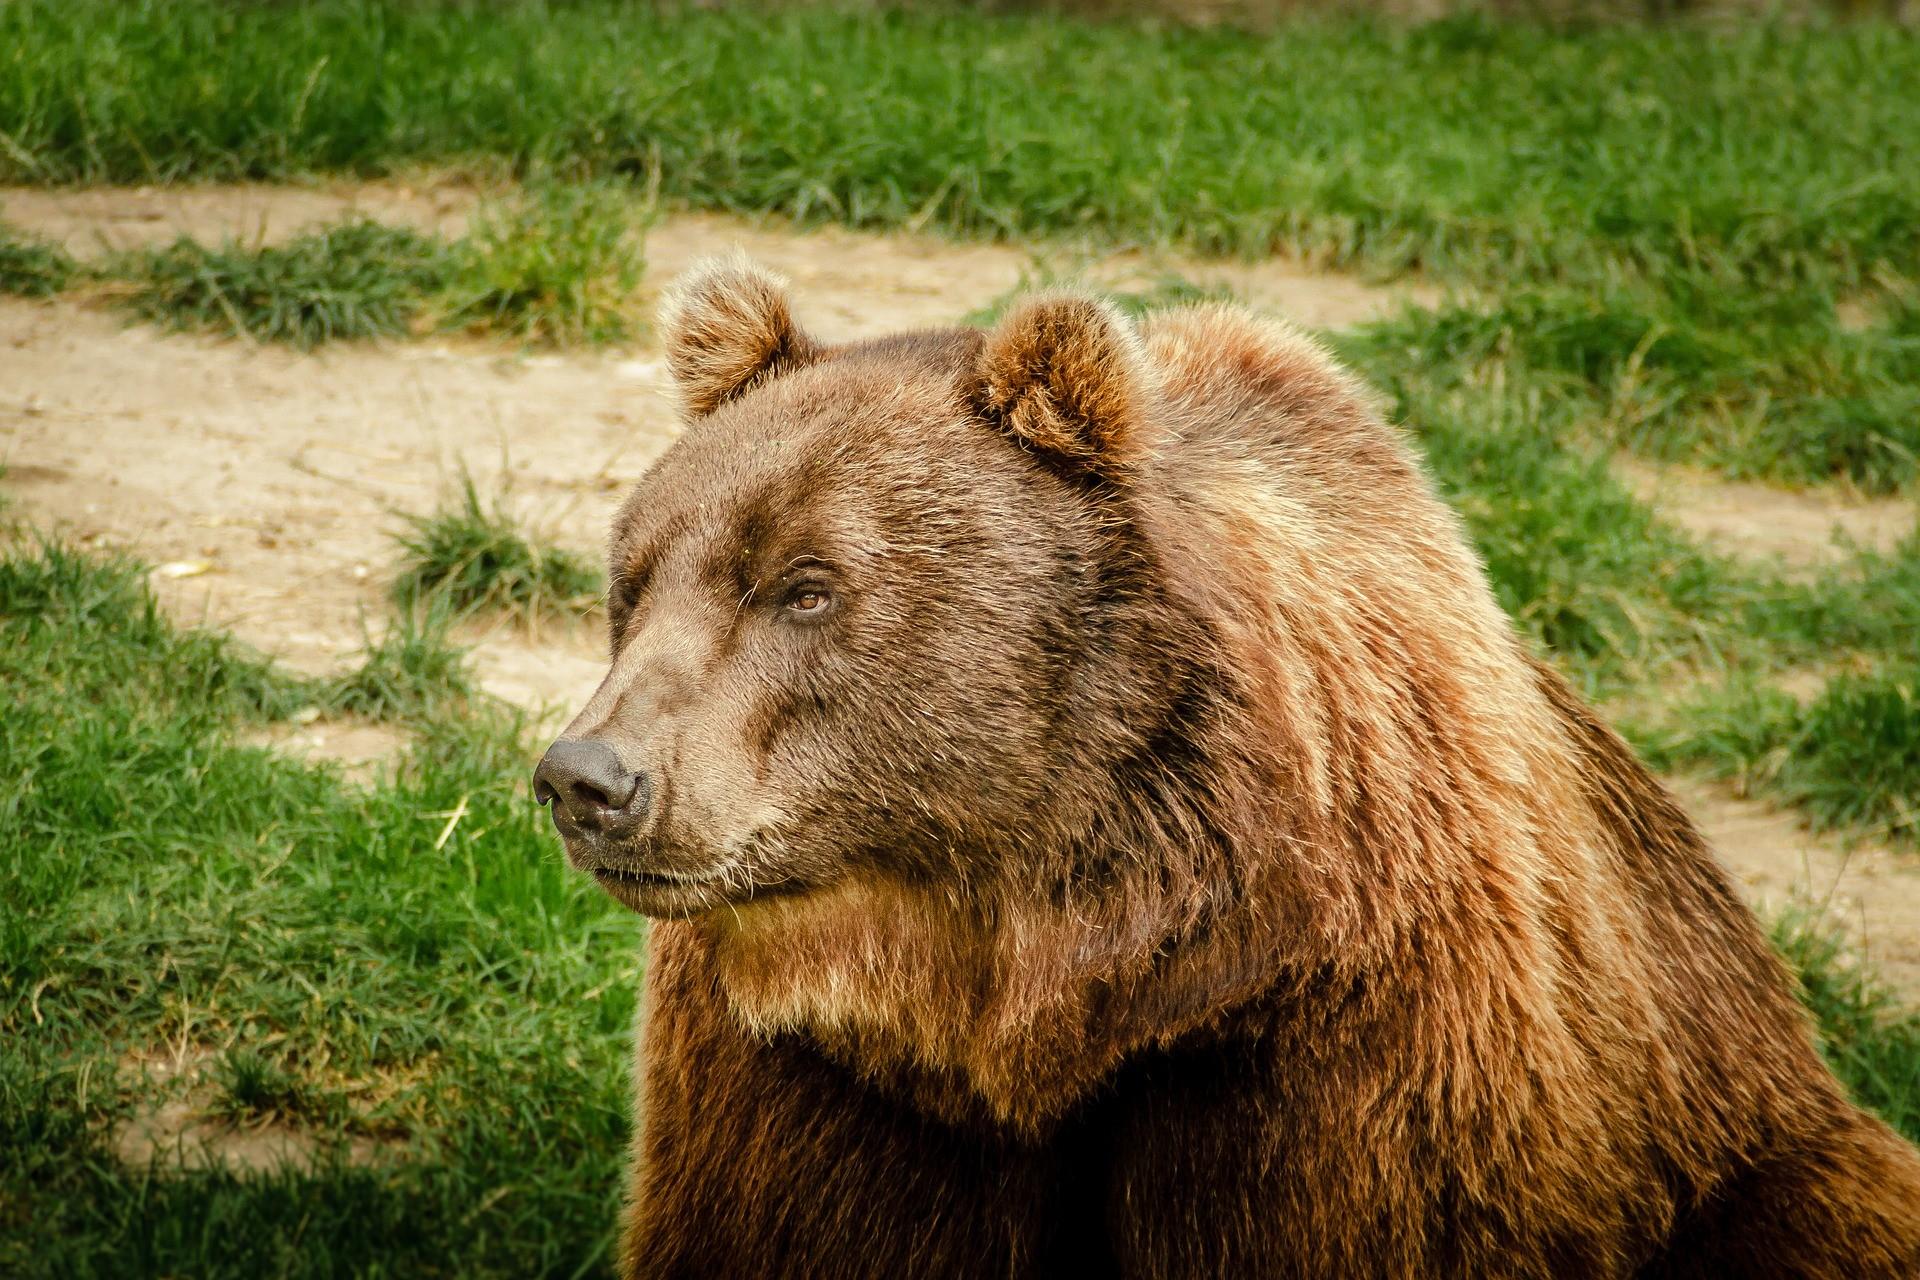 ▲動物,熊,棕熊,。(圖/取自免費圖庫Pixabay)